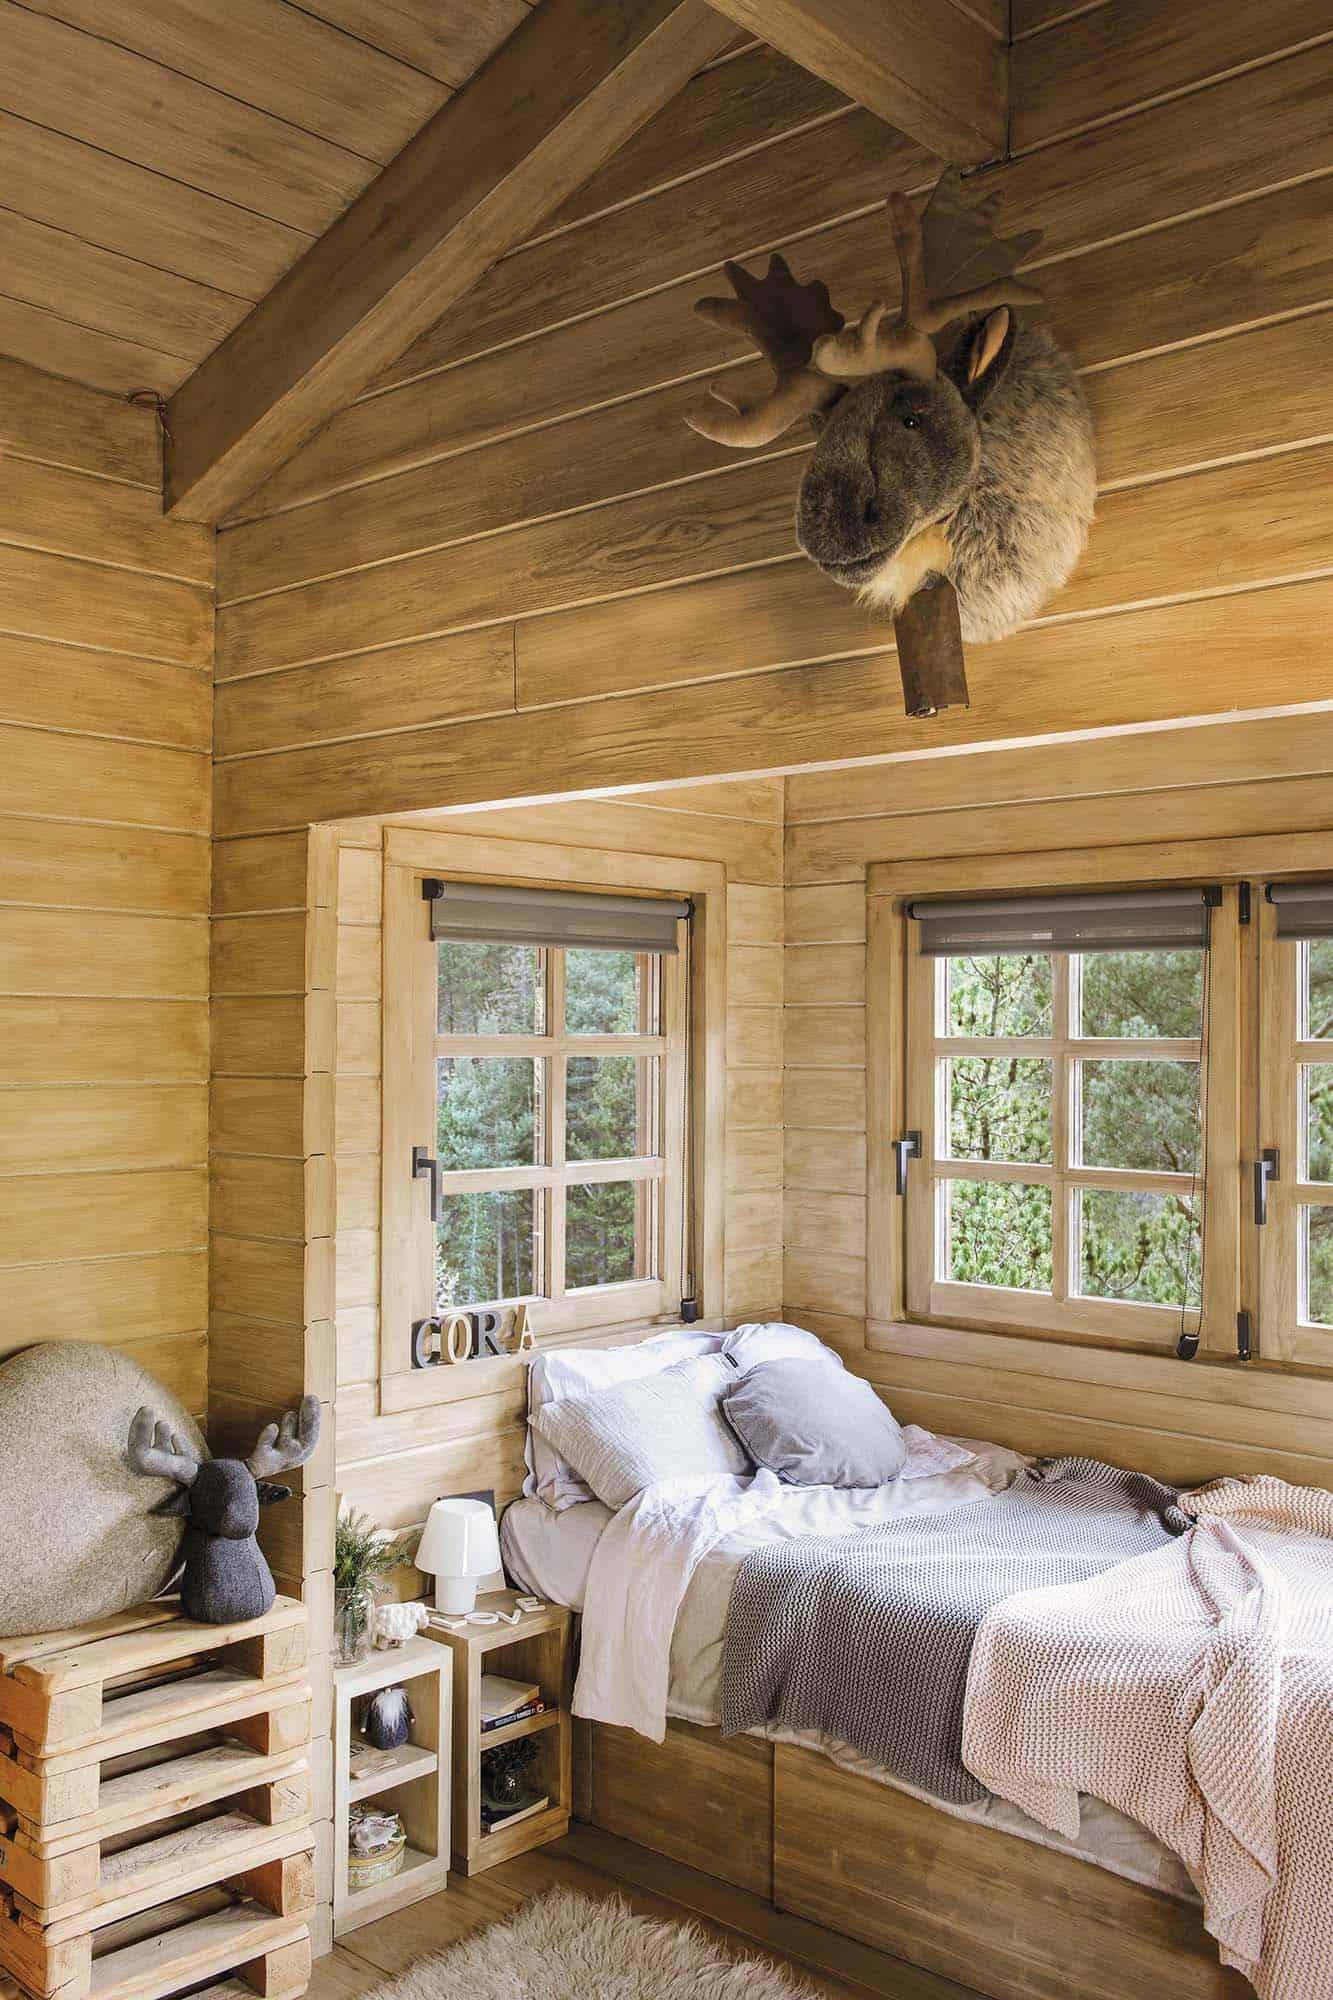 rustic-dream-cabin-kids-bedroom